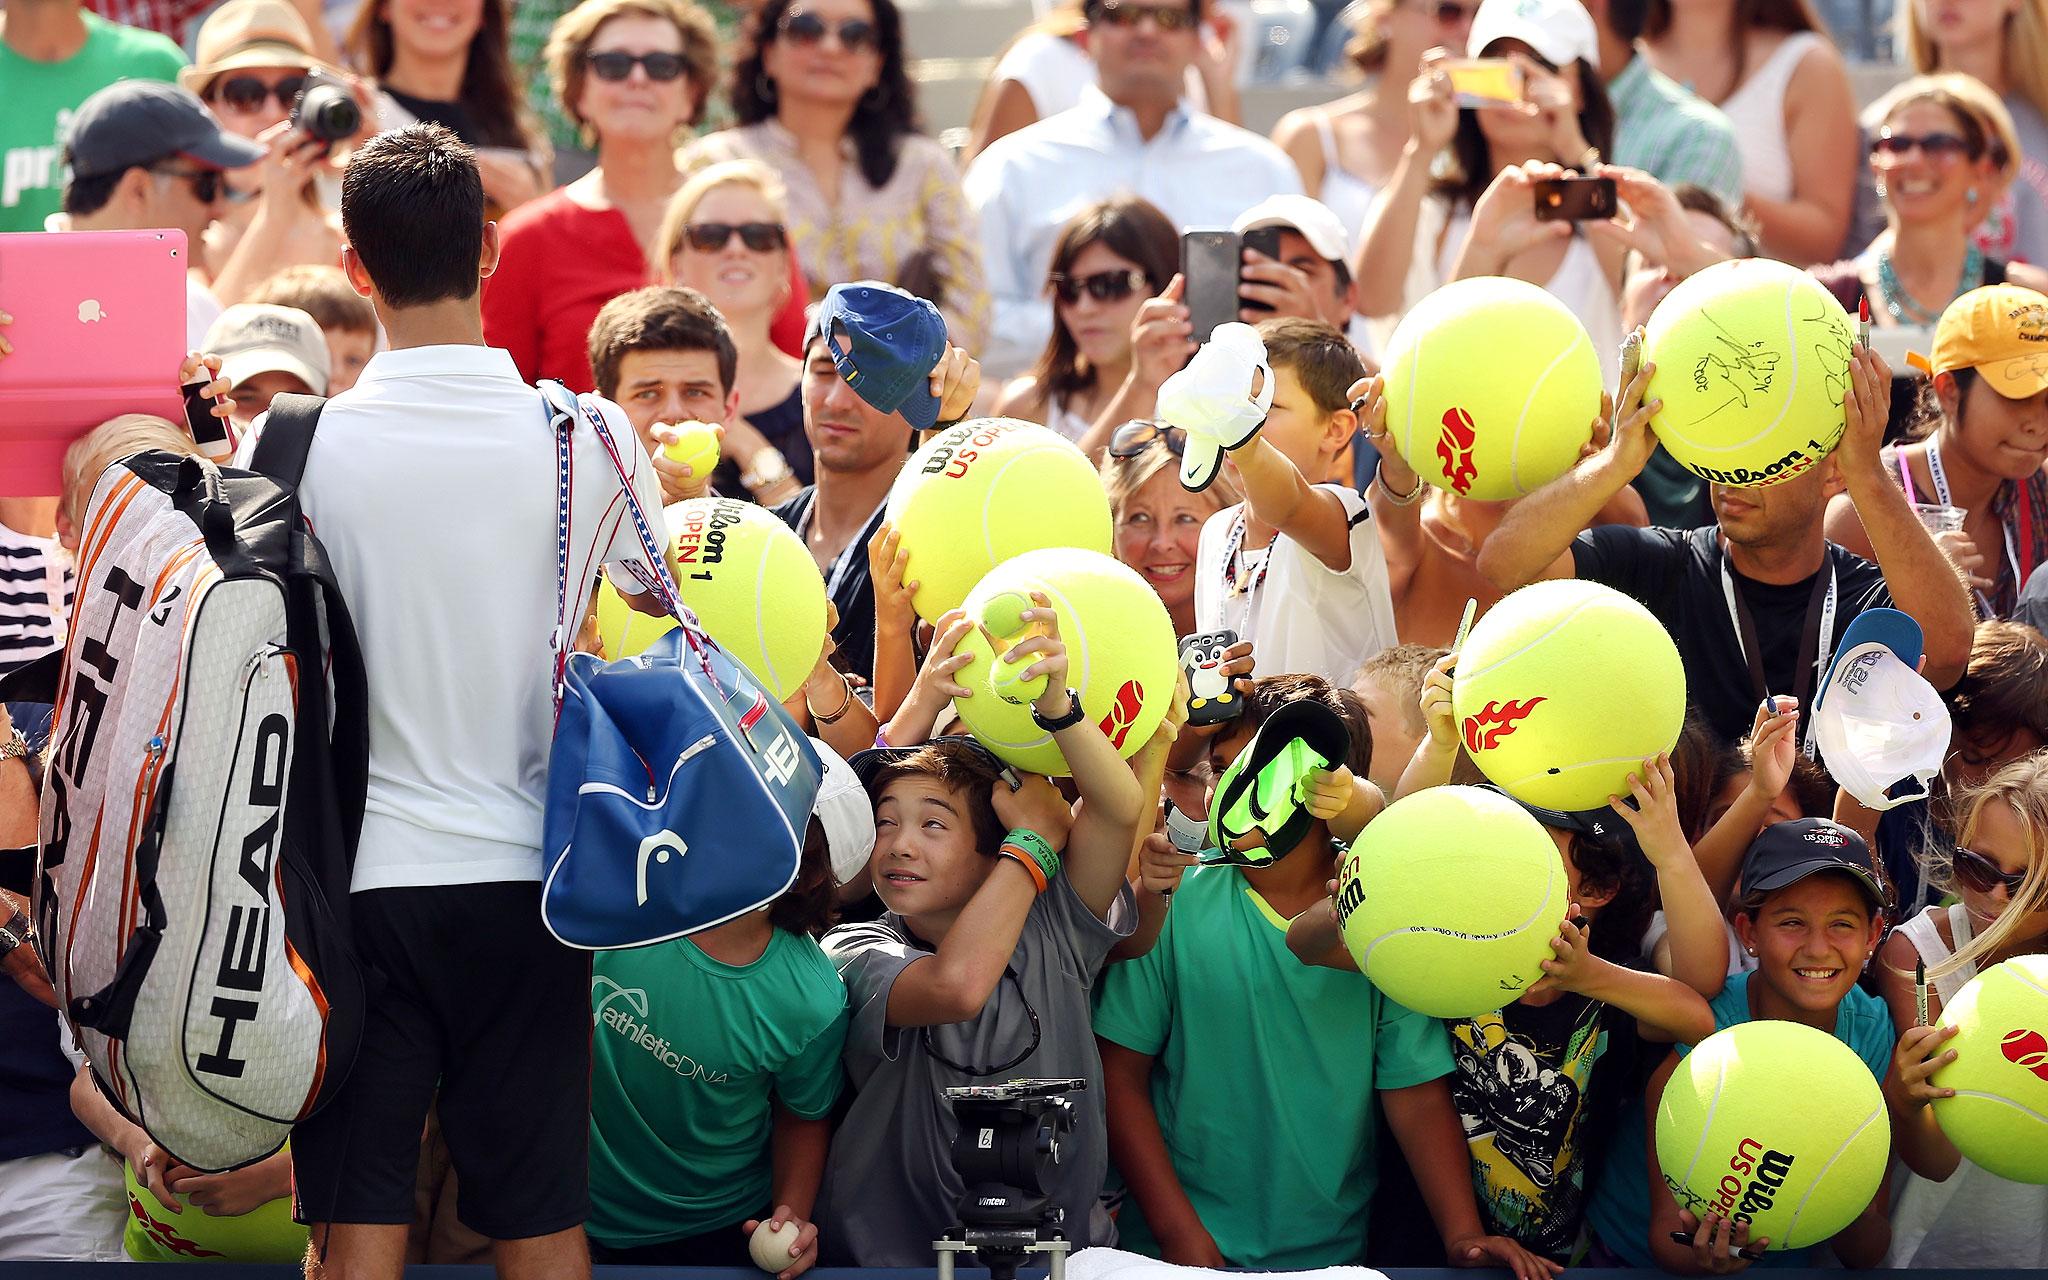 'Me, me, me! Novak, me!'